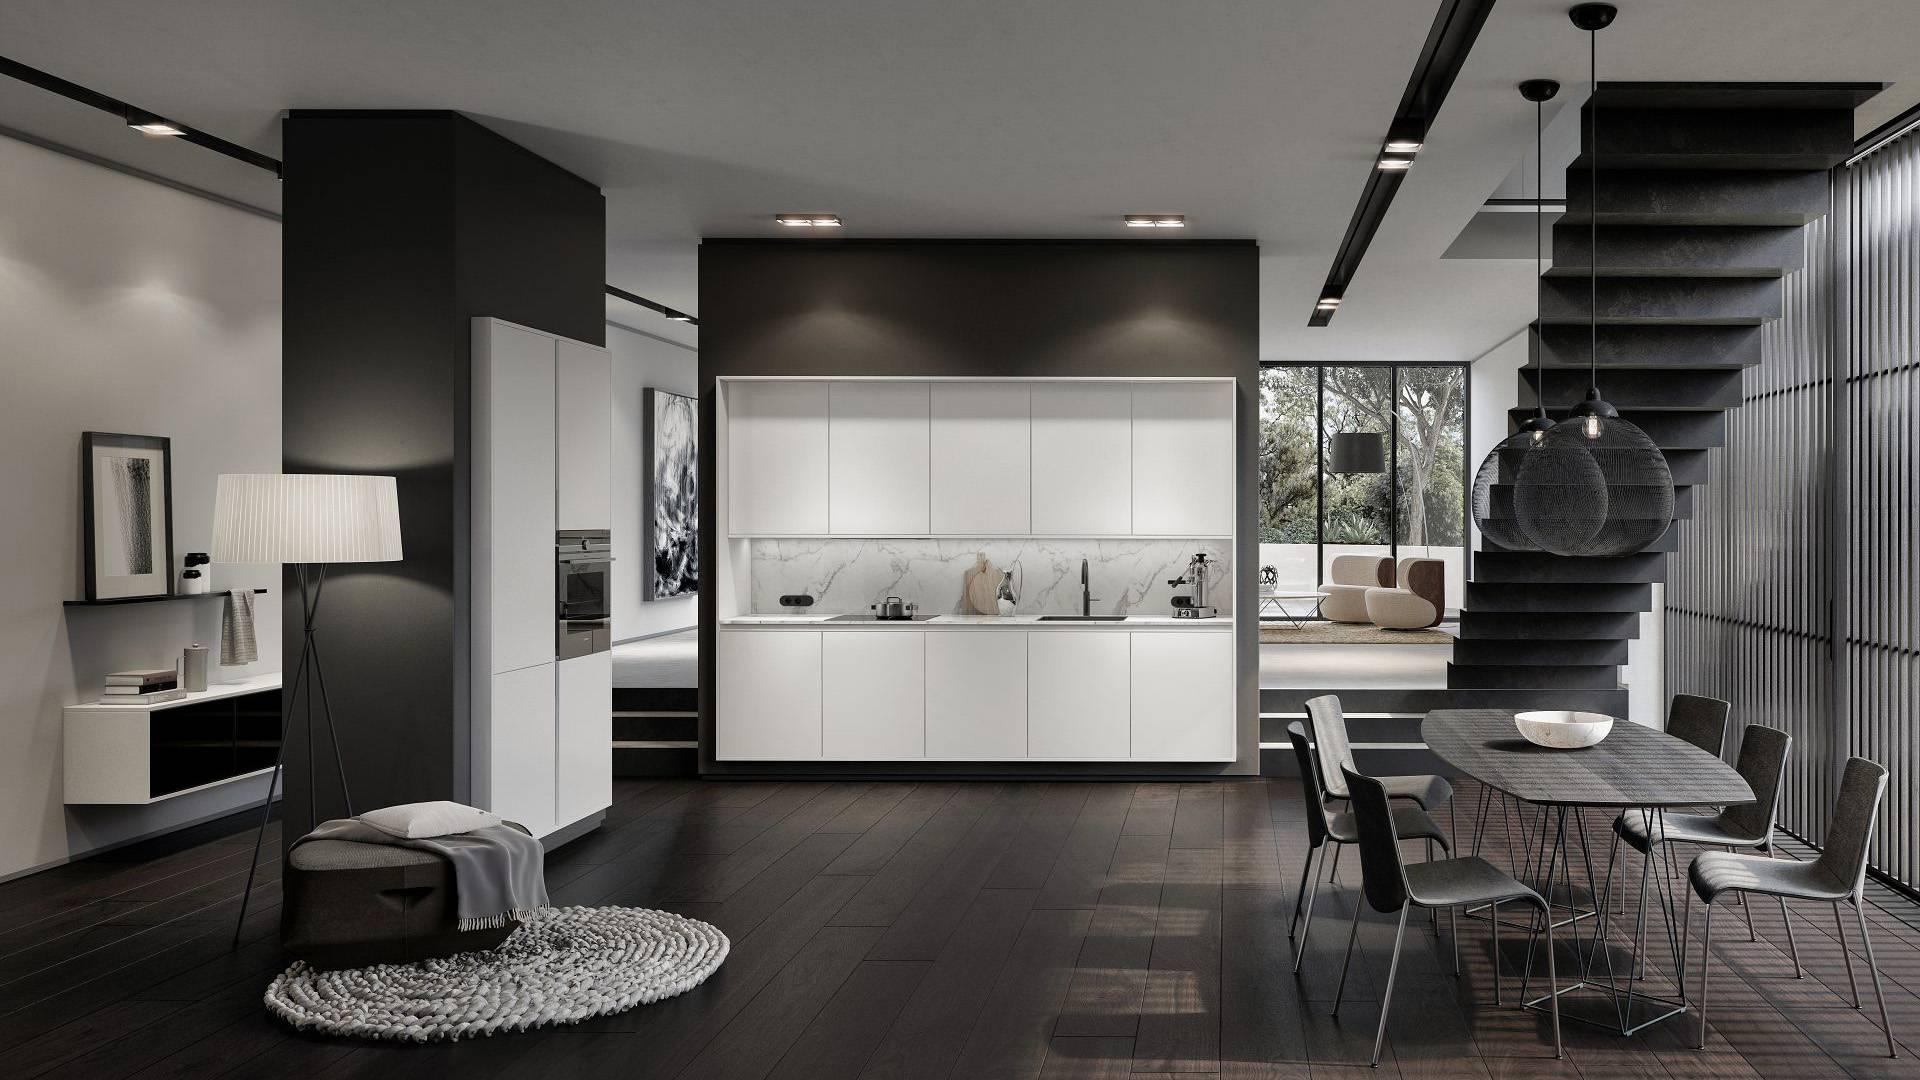 Siematic Kuchenmobel Und Interior Design Von Zeitloser El